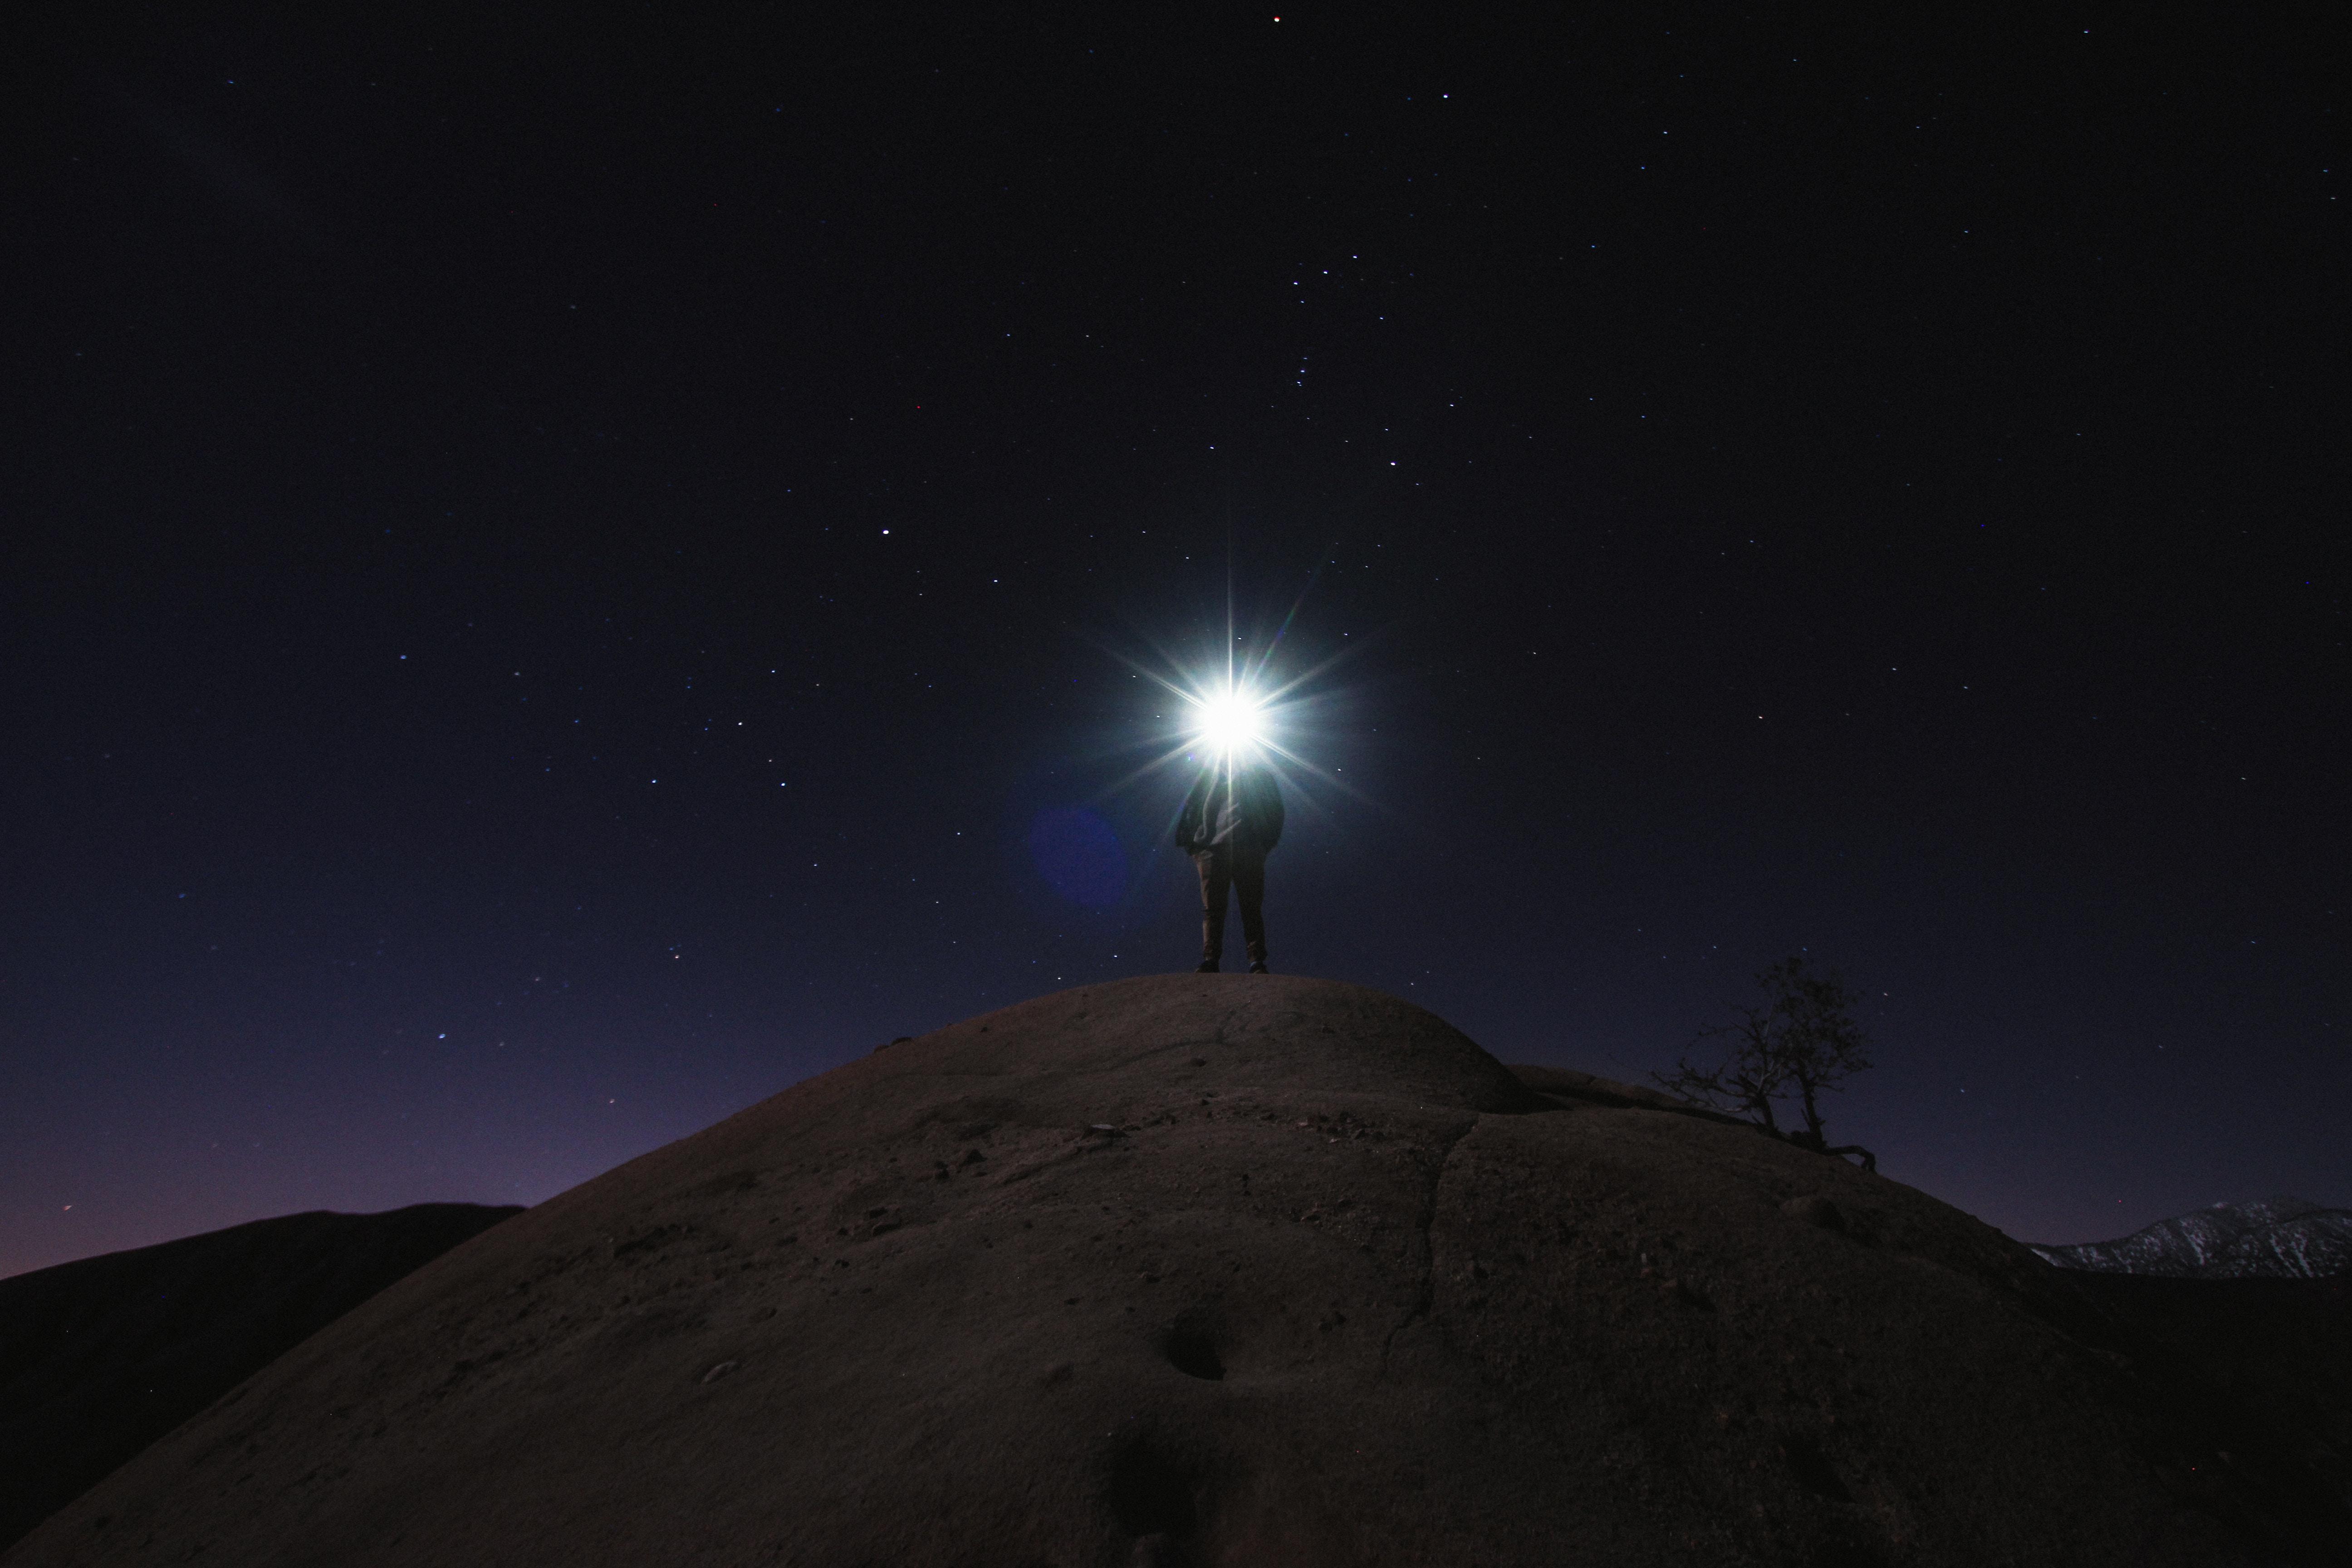 山頂でライトを持つ男性